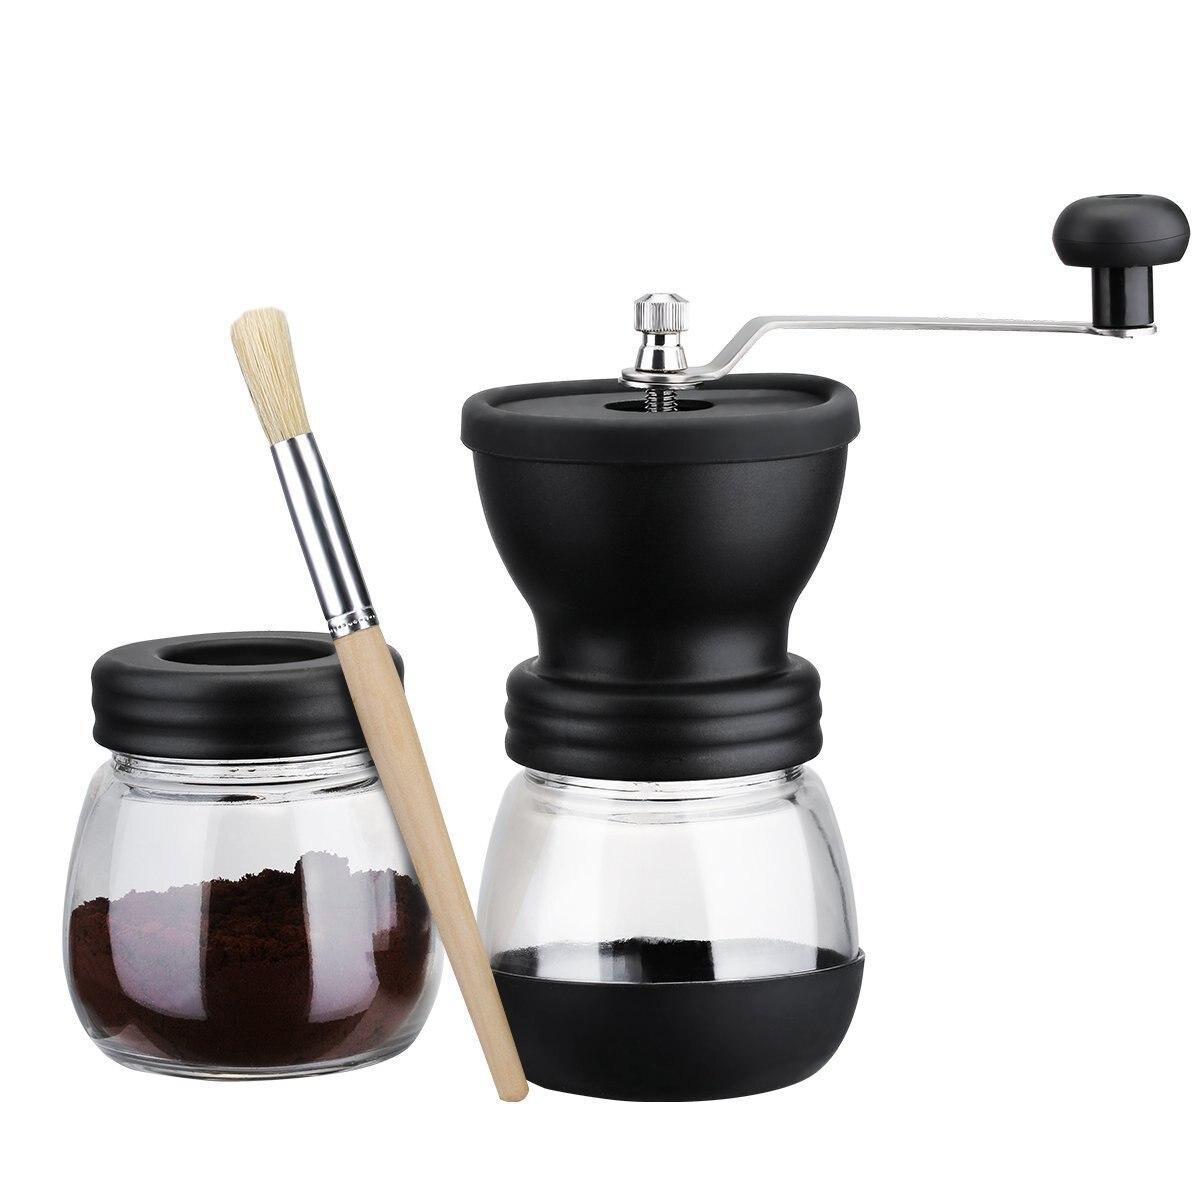 Горячая продажа ручная кофемолка с баночкой для хранения, мягкая щетка, конический керамический заусенец тихий и портативный